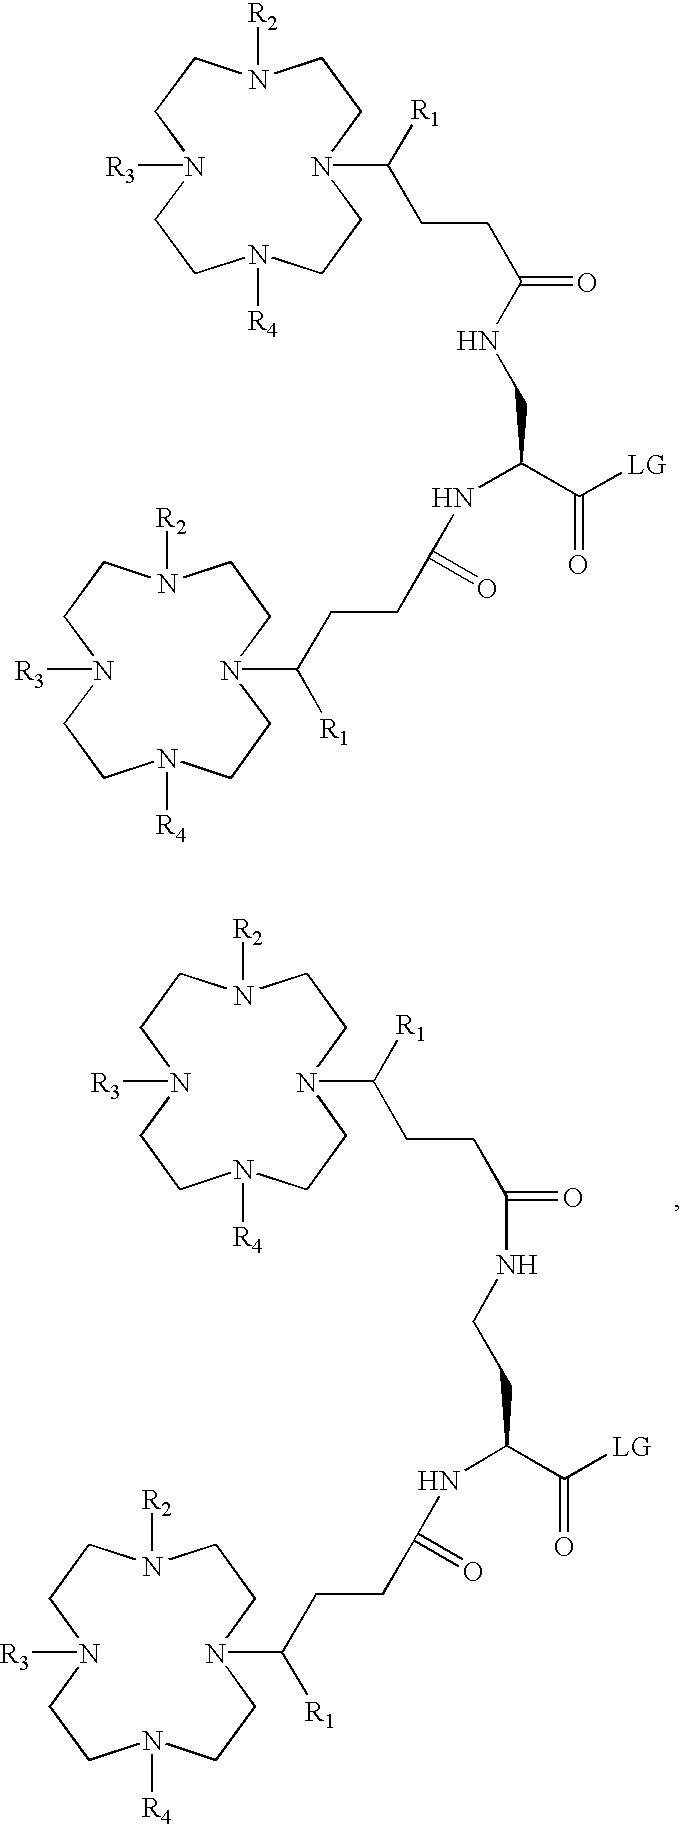 Figure US20030180222A1-20030925-C00161